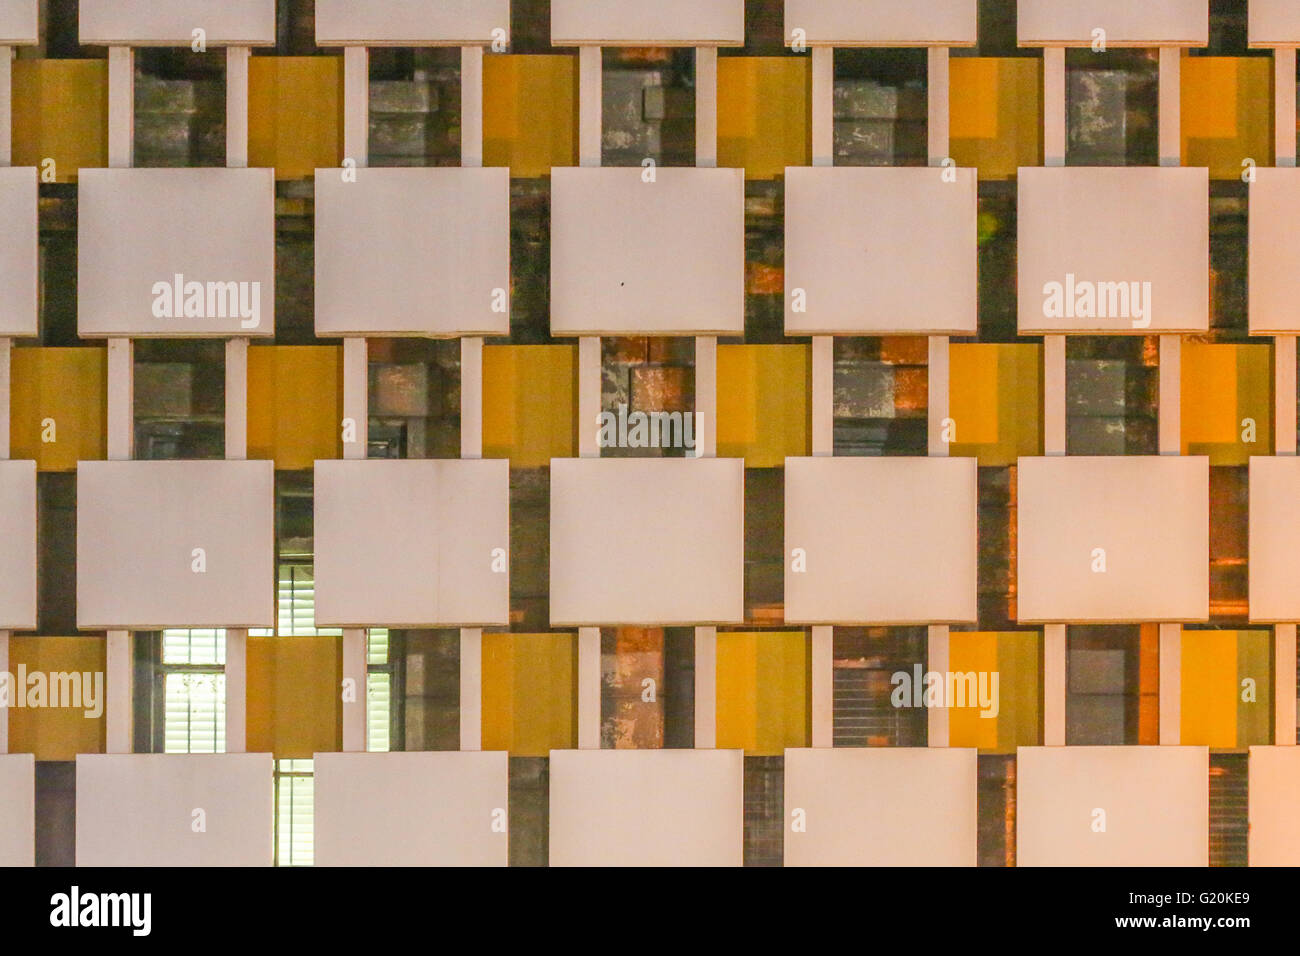 Grille à partir de la façade d'un immeuble à New Orleans Photo Stock